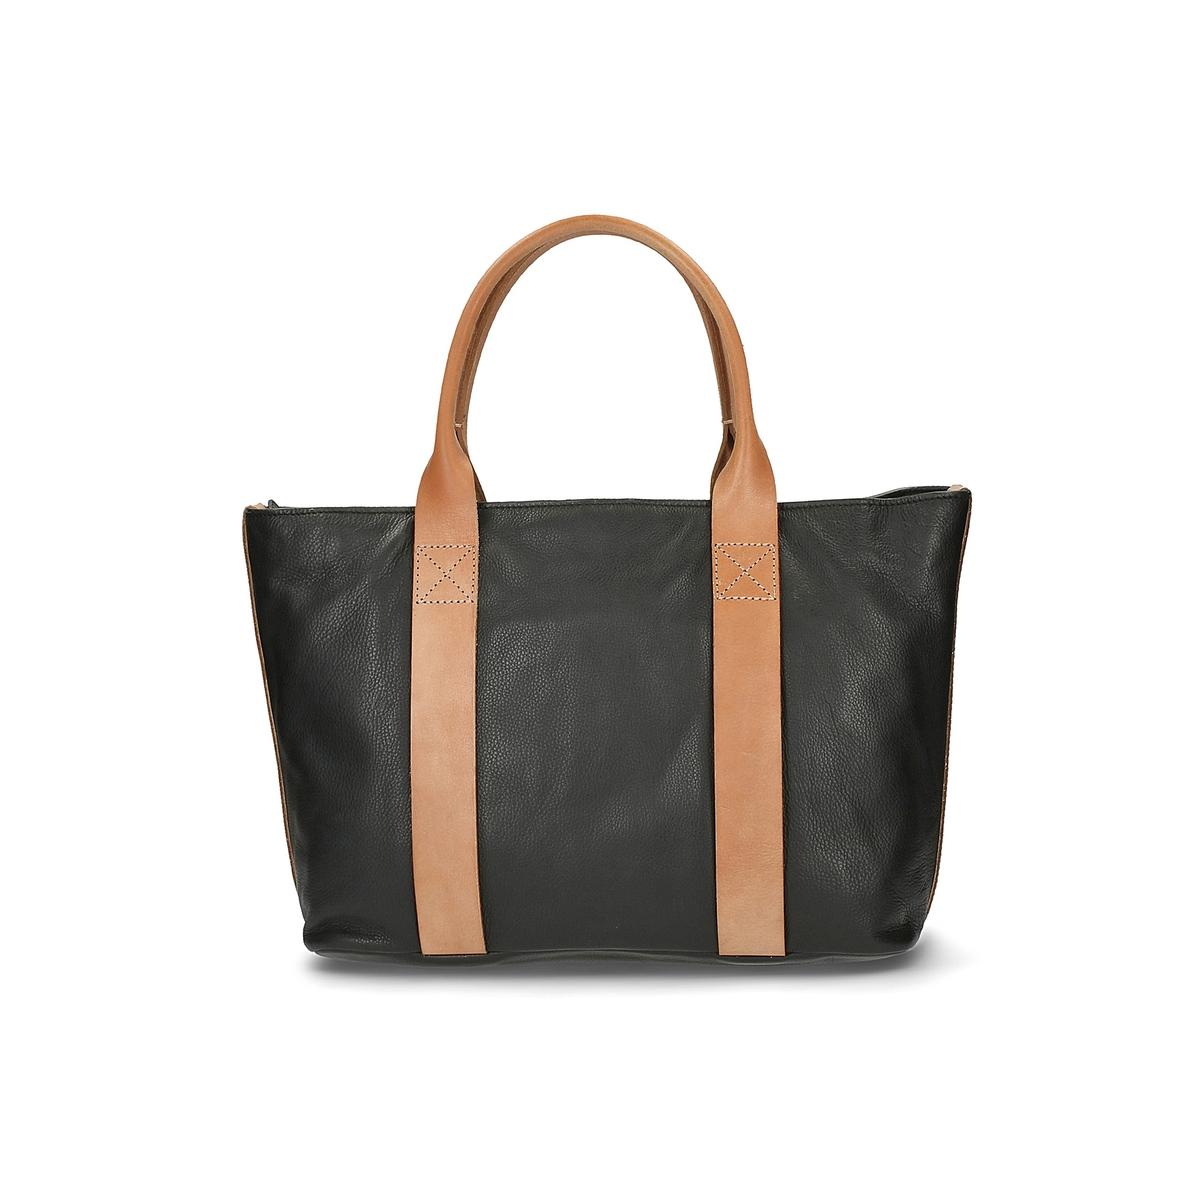 Сумка-шоппер кожанаяКожаная сумка-шоппер Tasmin Bela от Clarks.Красивая мягкая кожа, улучшенный дизайн, 2 контрастные ручки, практичная и элегантная сумка через плечо !  Состав и описание :Материал : яловичная кожа снаружи                 подкладка из текстиляМарка : ClarksМодель : Tasmin Bela Размеры  : В.29 x Д.48 x Ш.15 смЗастежка : молния2 внутренних кармана<br><br>Цвет: черный<br>Размер: единый размер